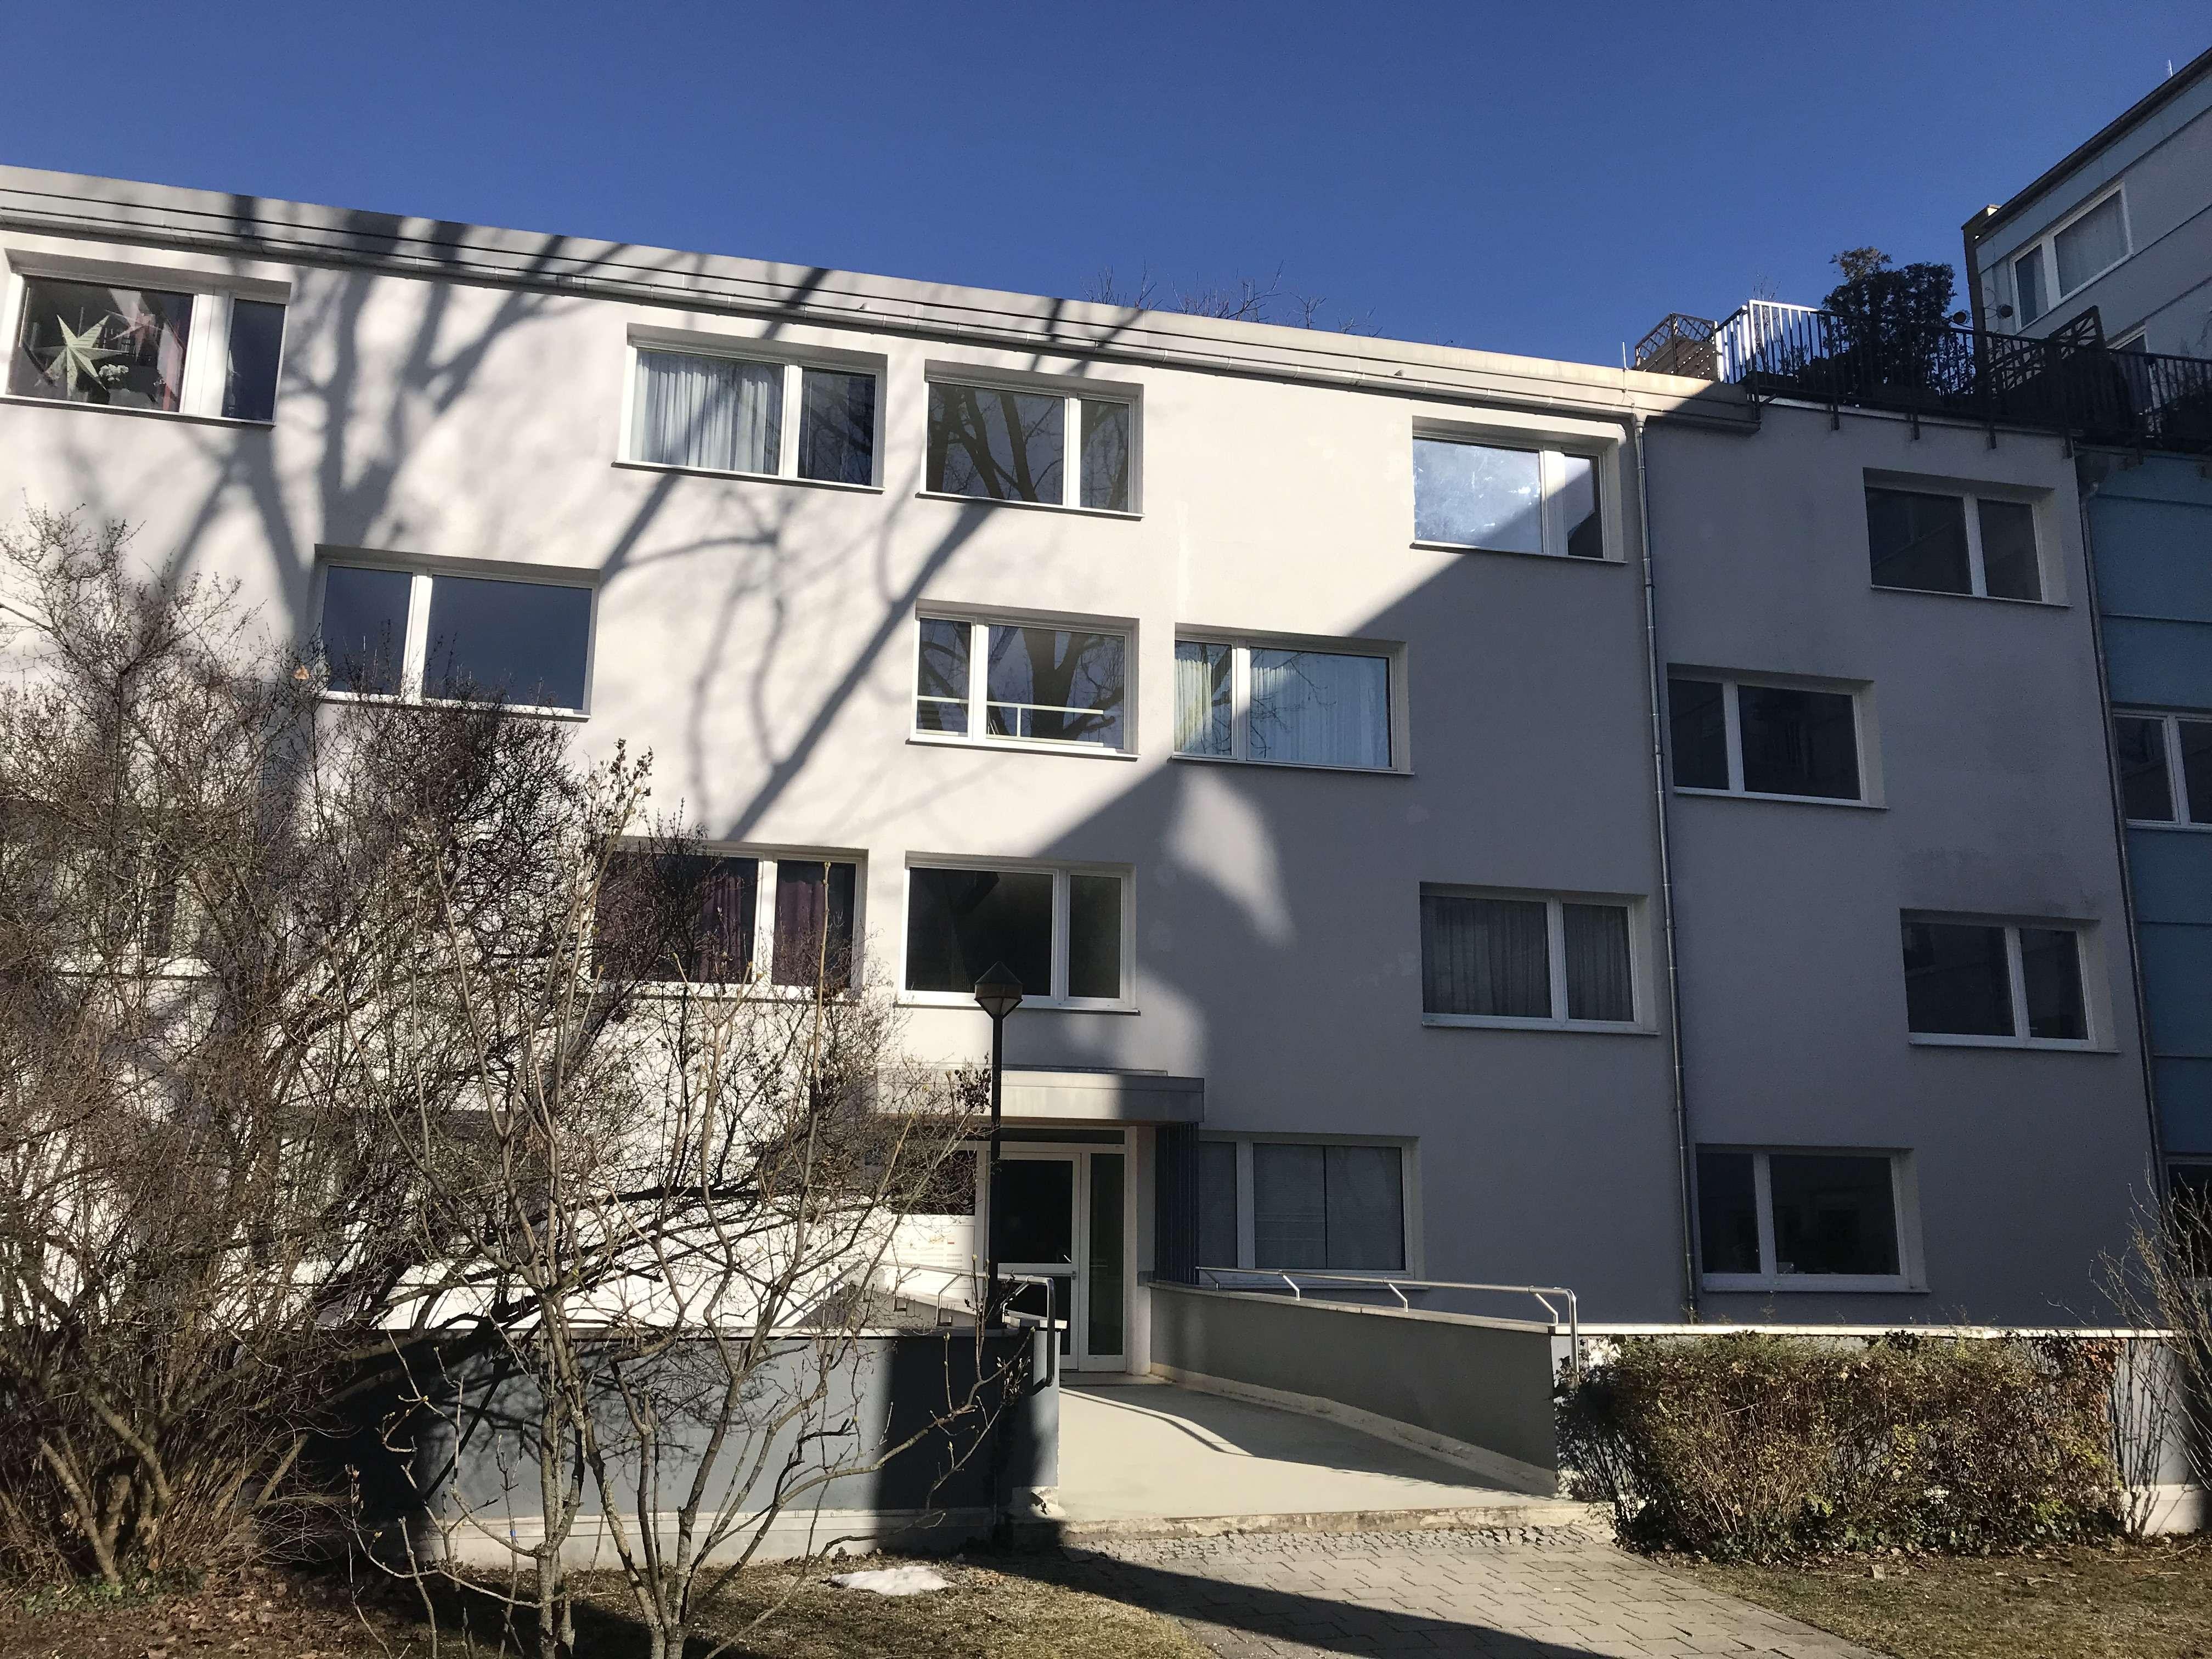 Exklusiv möblierte 2-Zimmer-Wohnung mitten in Schwabing-West in Schwabing-West (München)